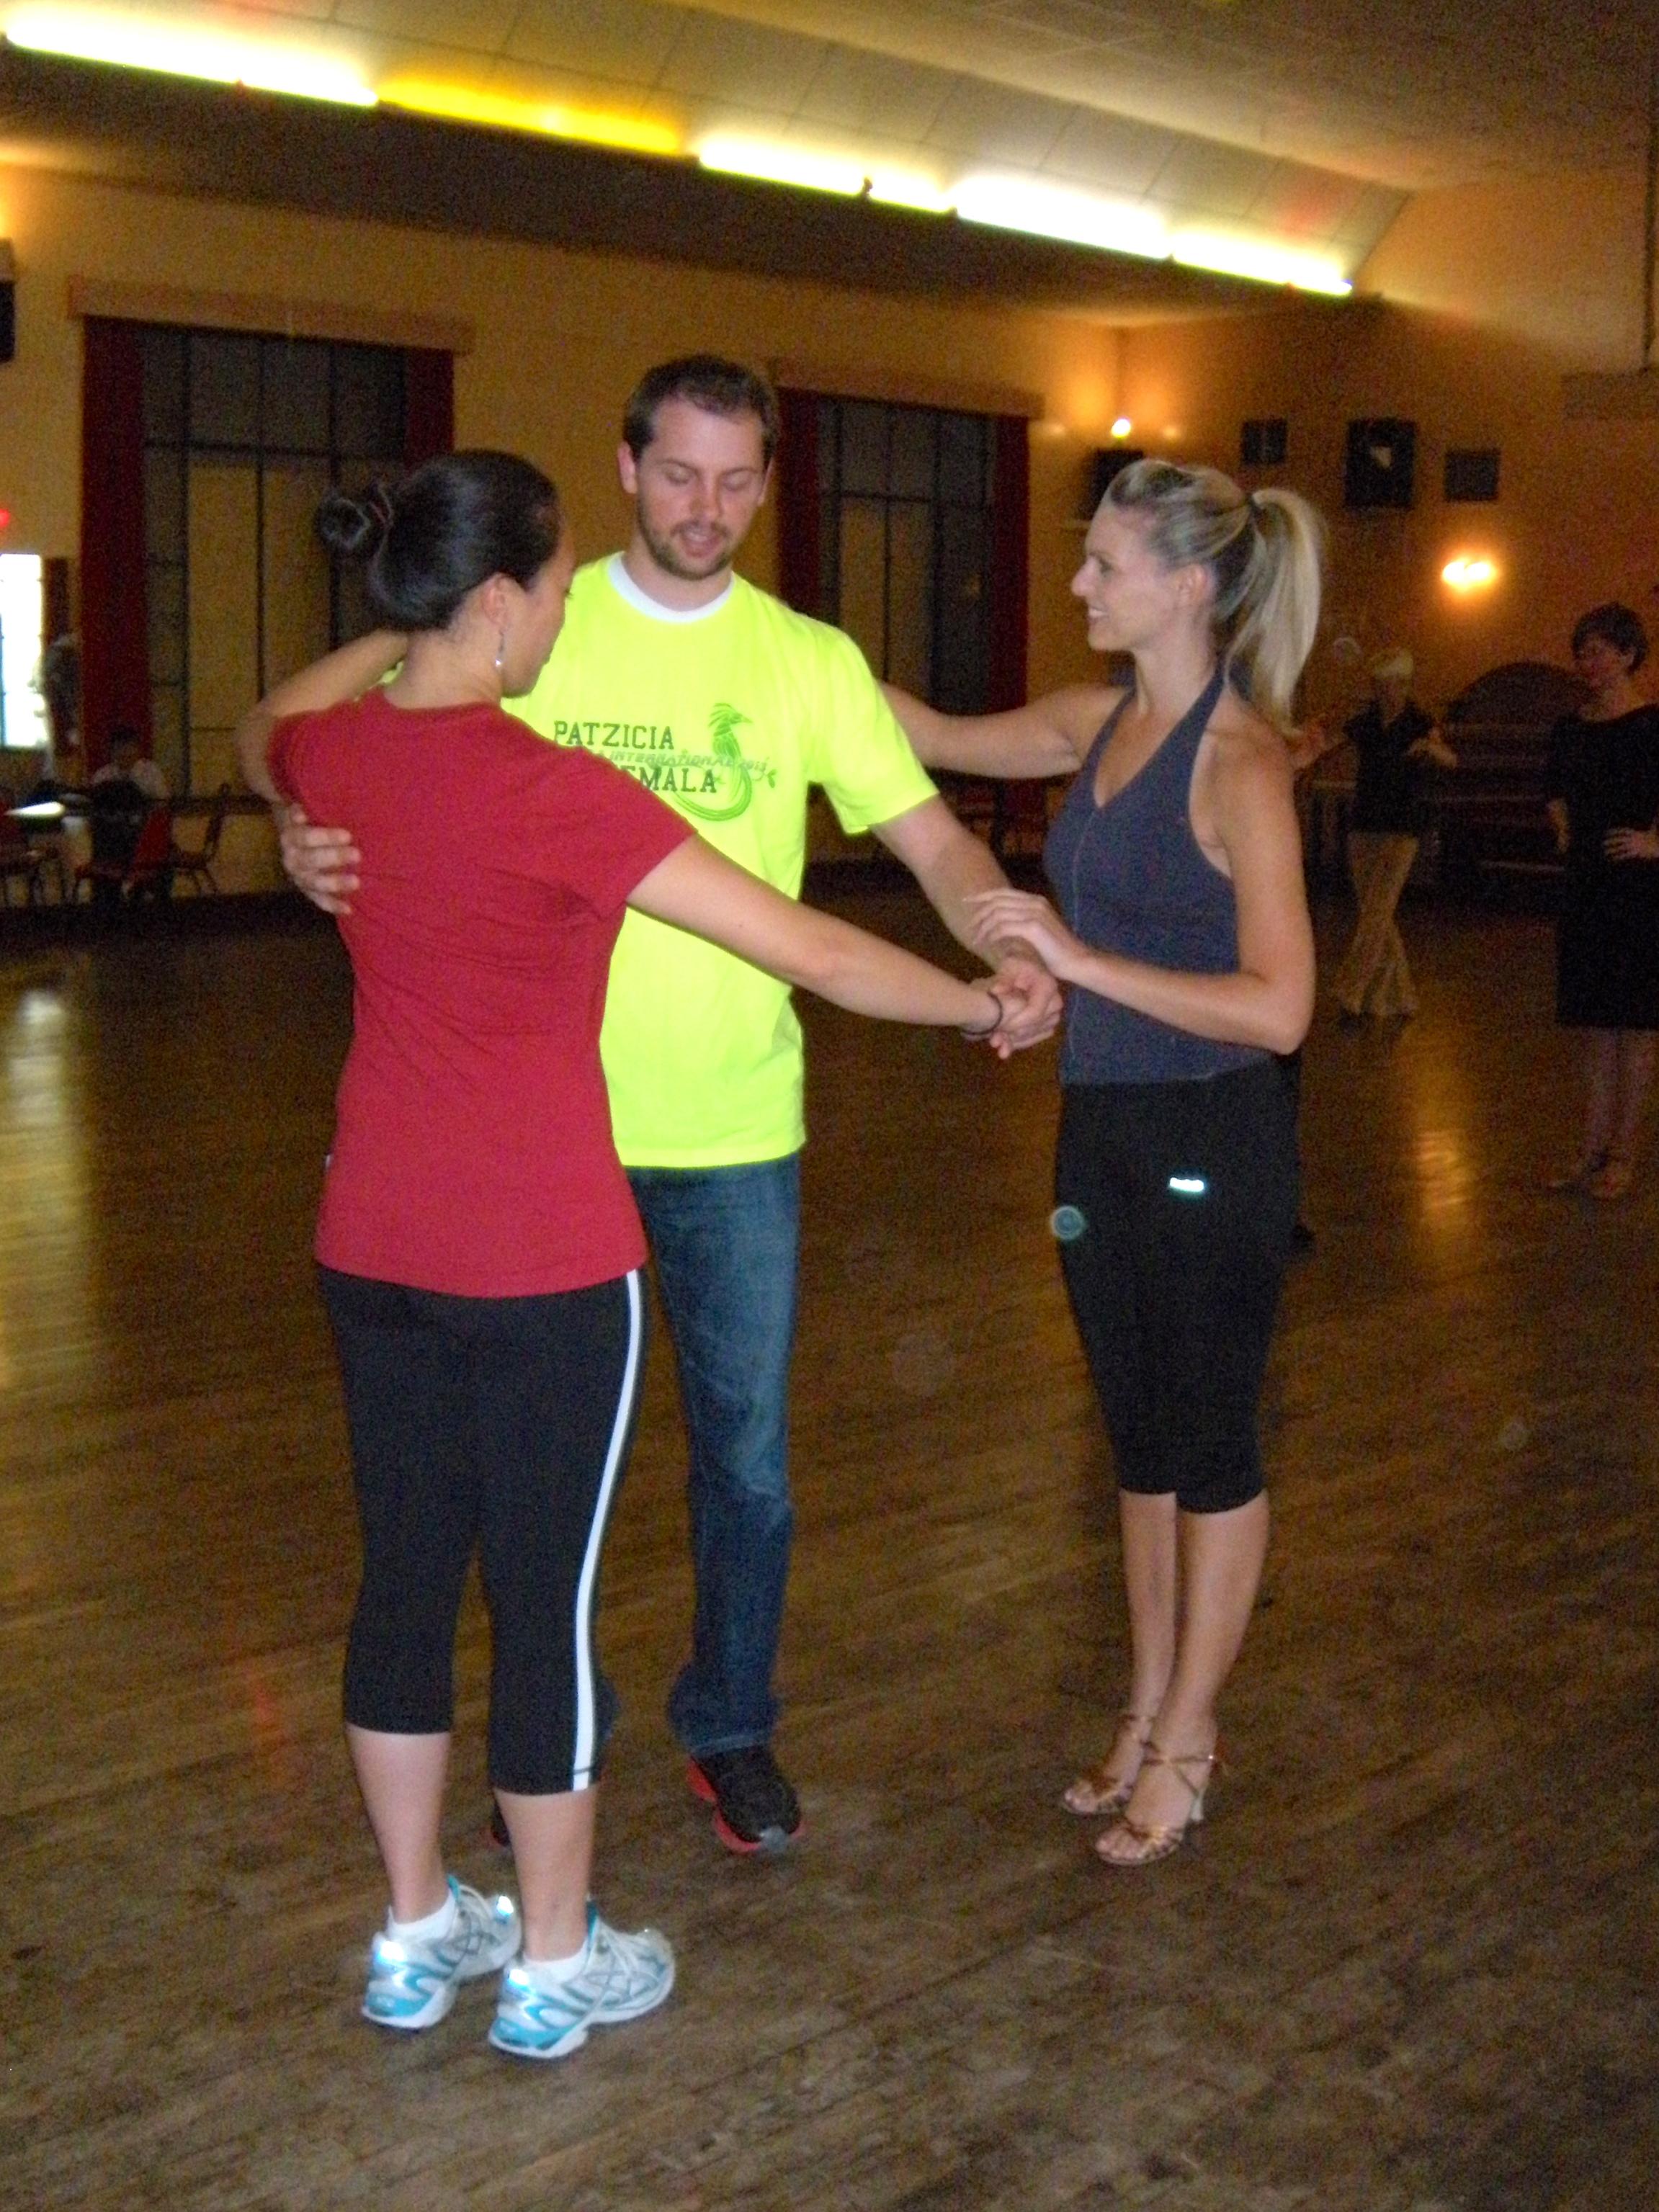 Murisa teaching proper frame for Swing!